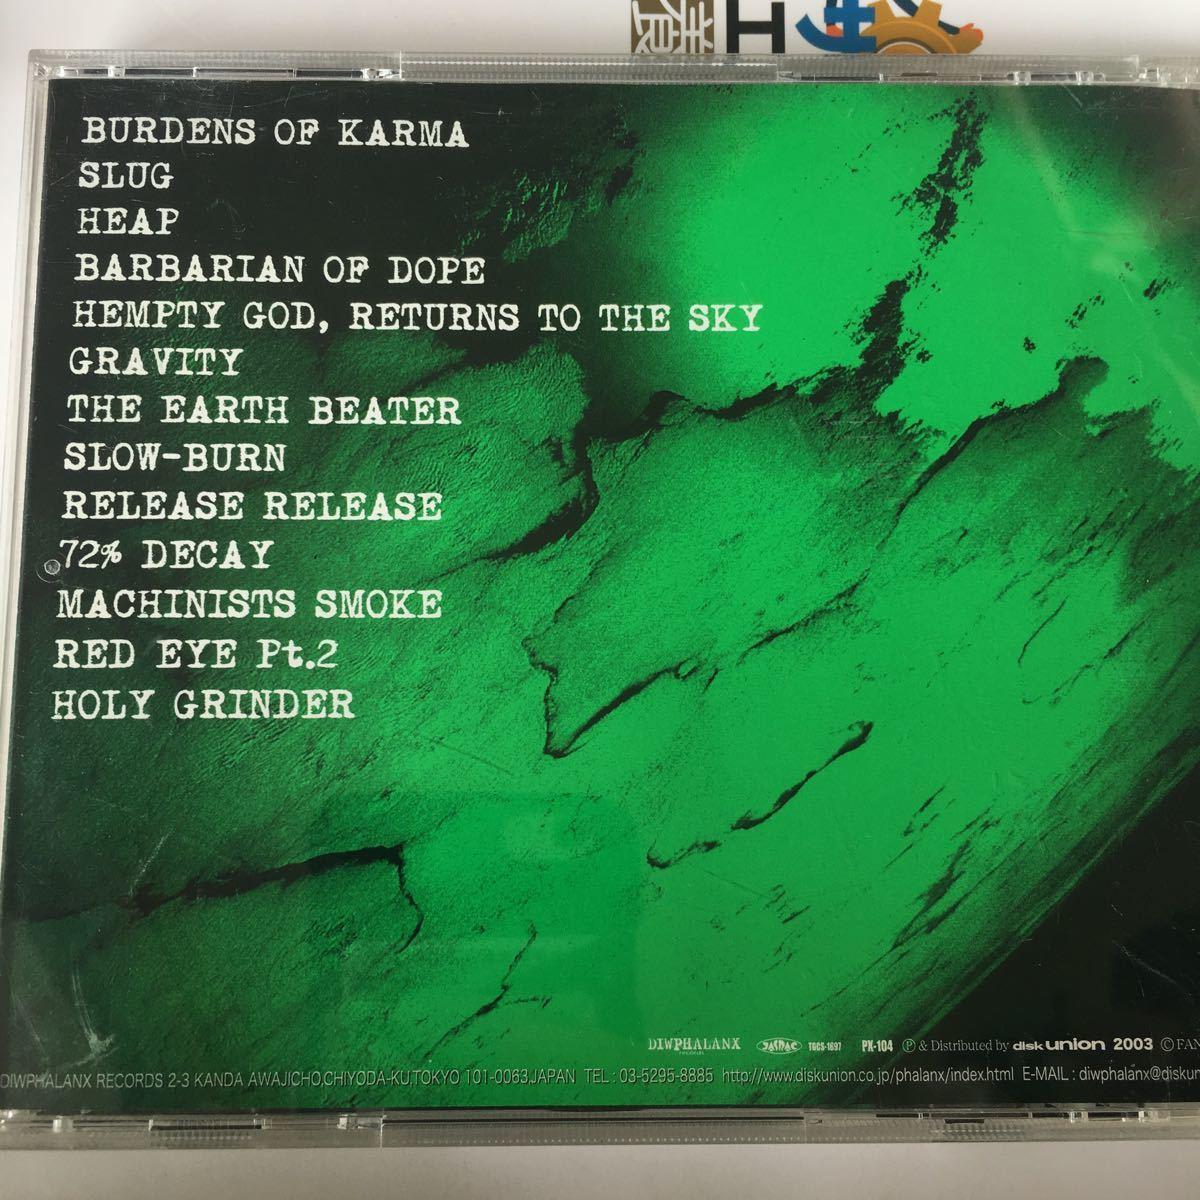 Greenmachine - The Earth Beater +3 ('03) 帯付 グラインドコア ストーナー 激レア 再発盤_画像3